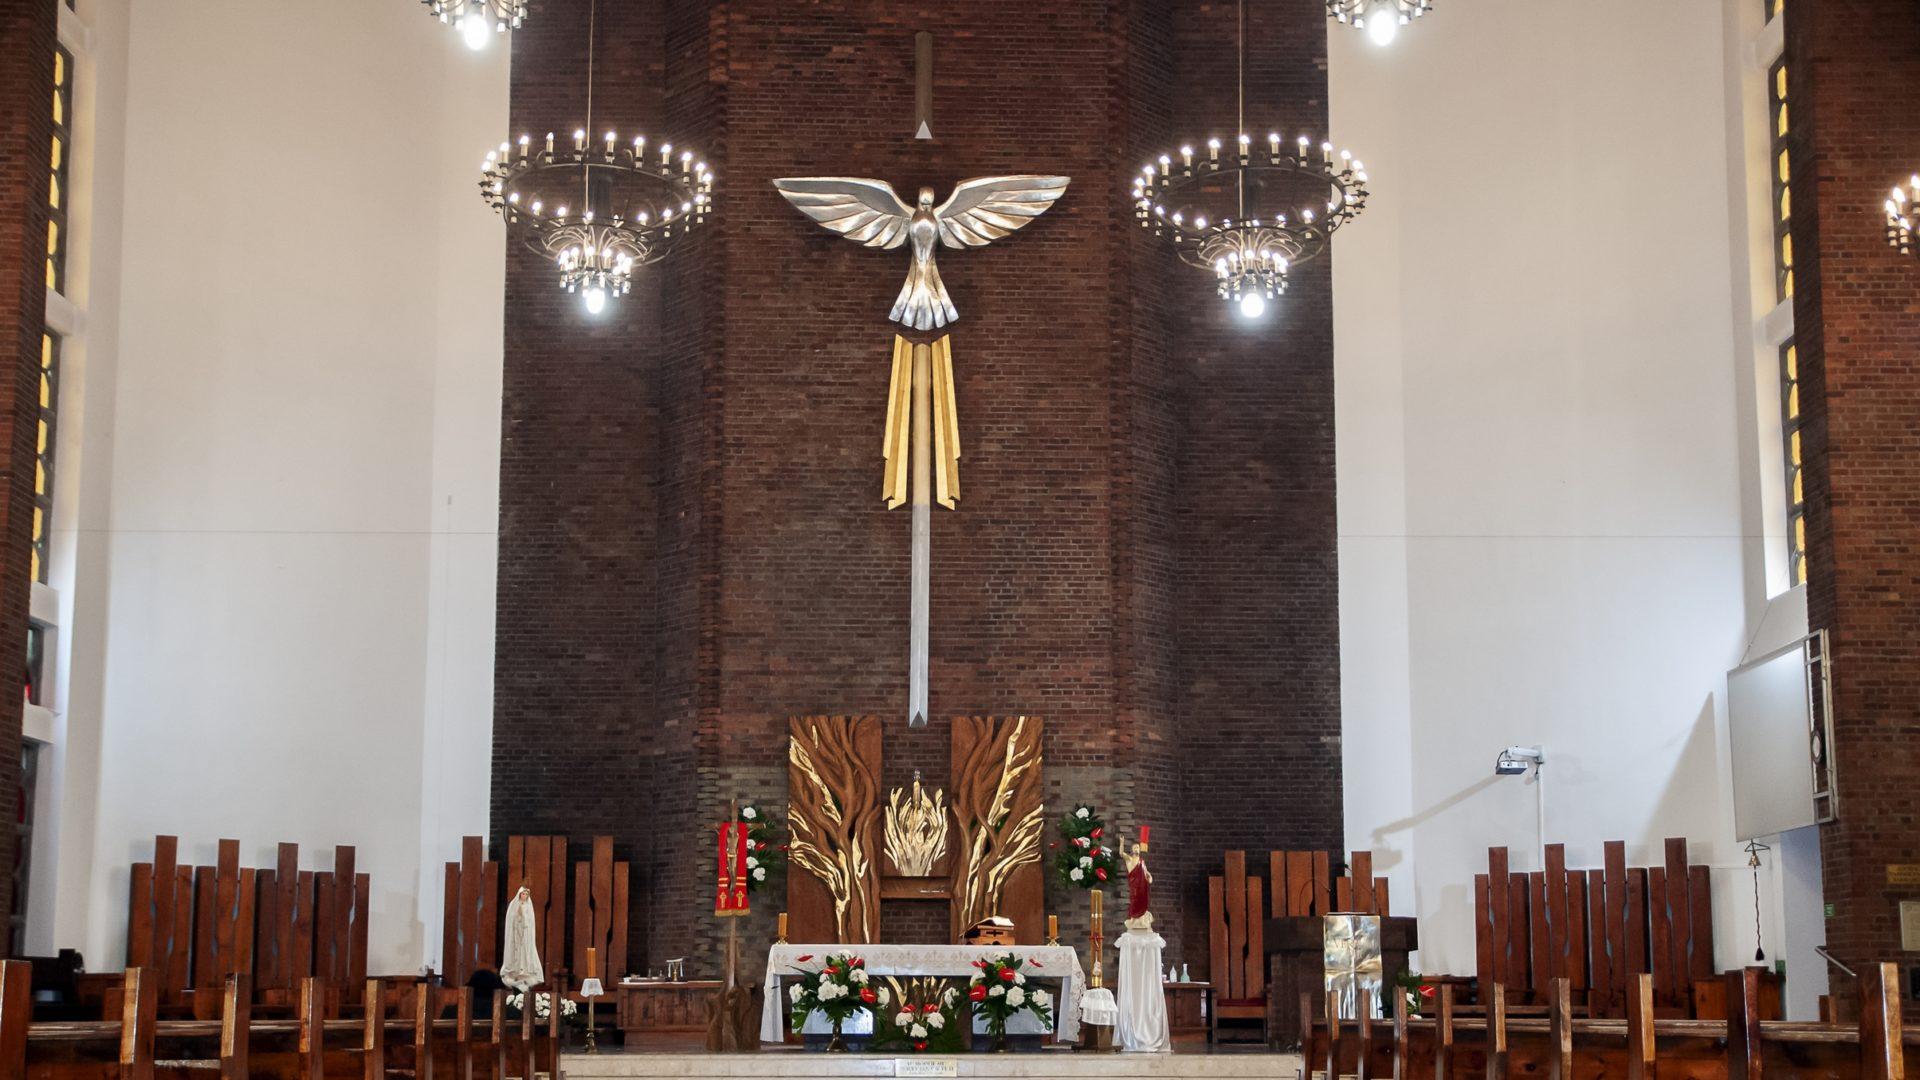 Parafia Rzymskokatolicka pw. Ducha Świętego w Koszalinie